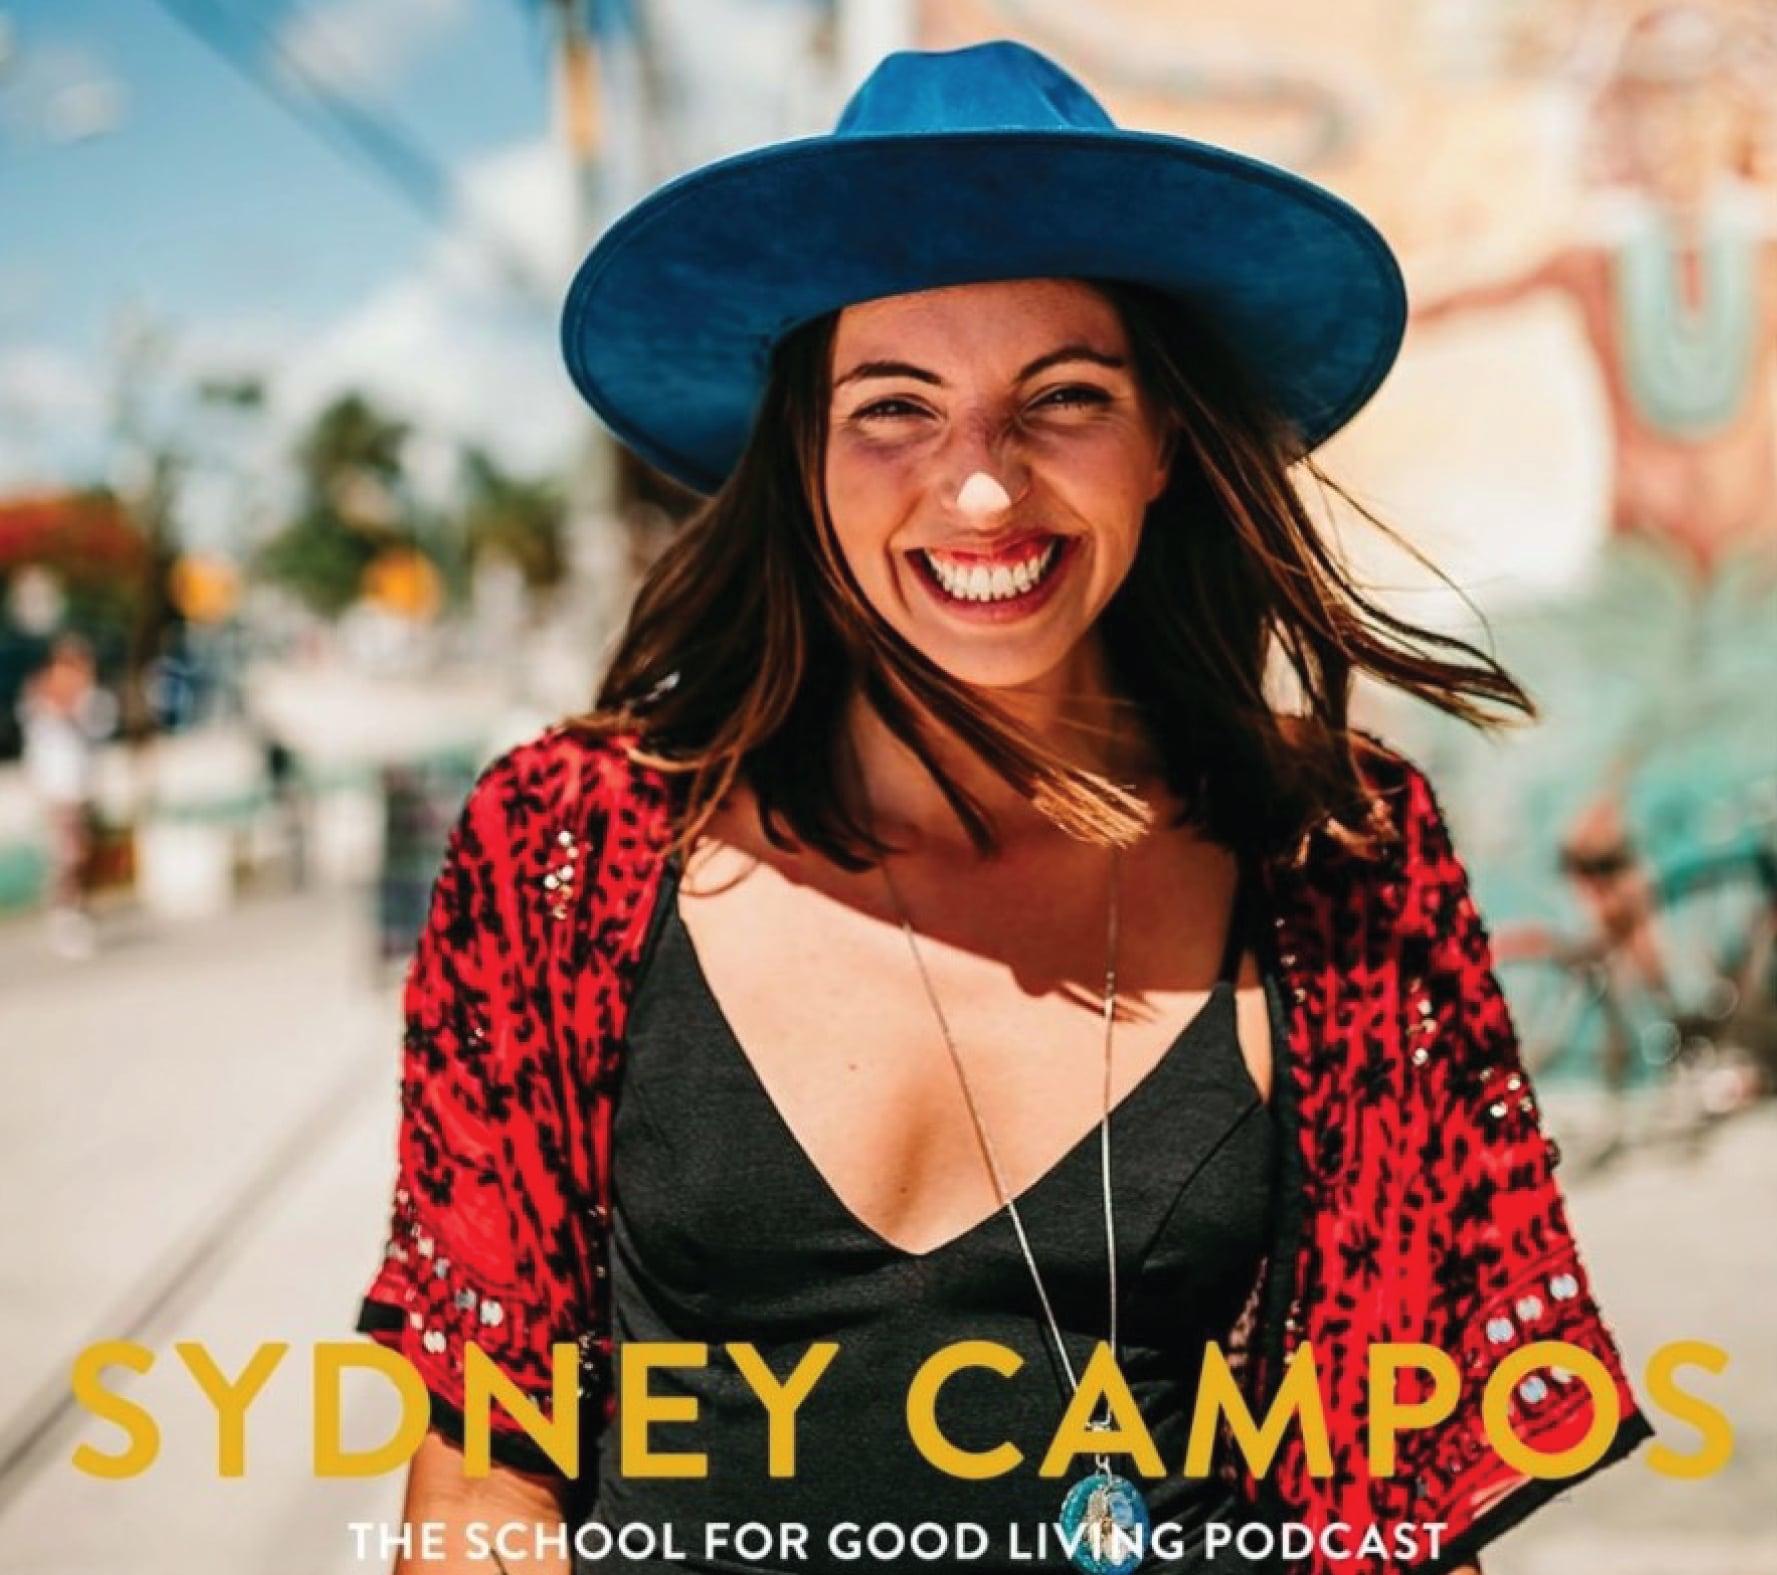 SydneyCampos